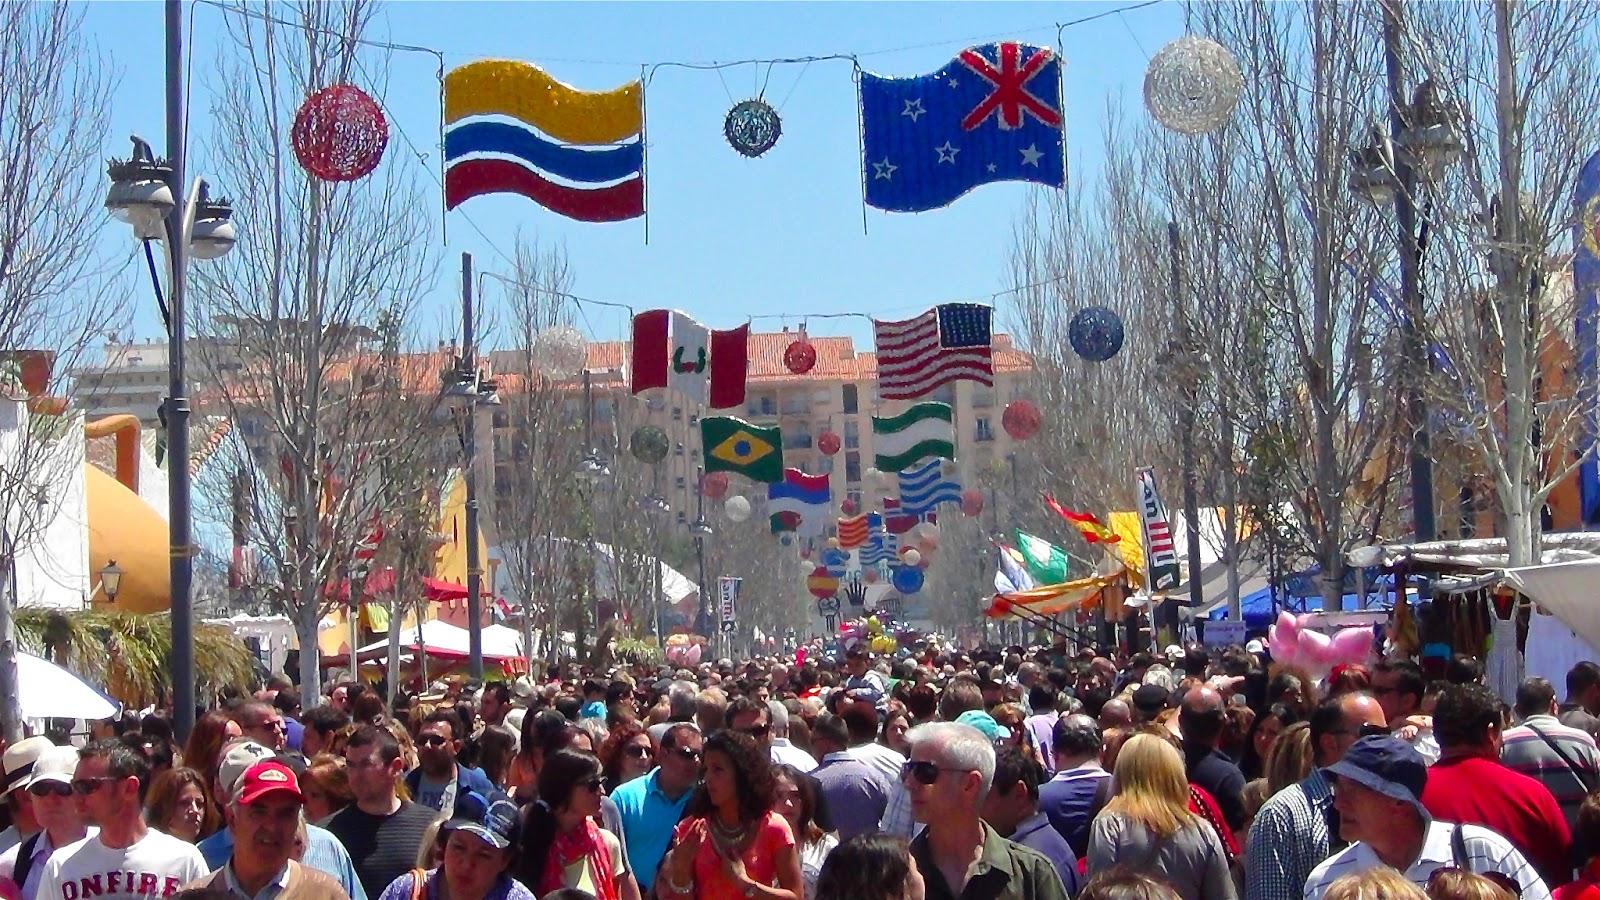 Feria De Los Pueblos or Around the World in 5 Days 52